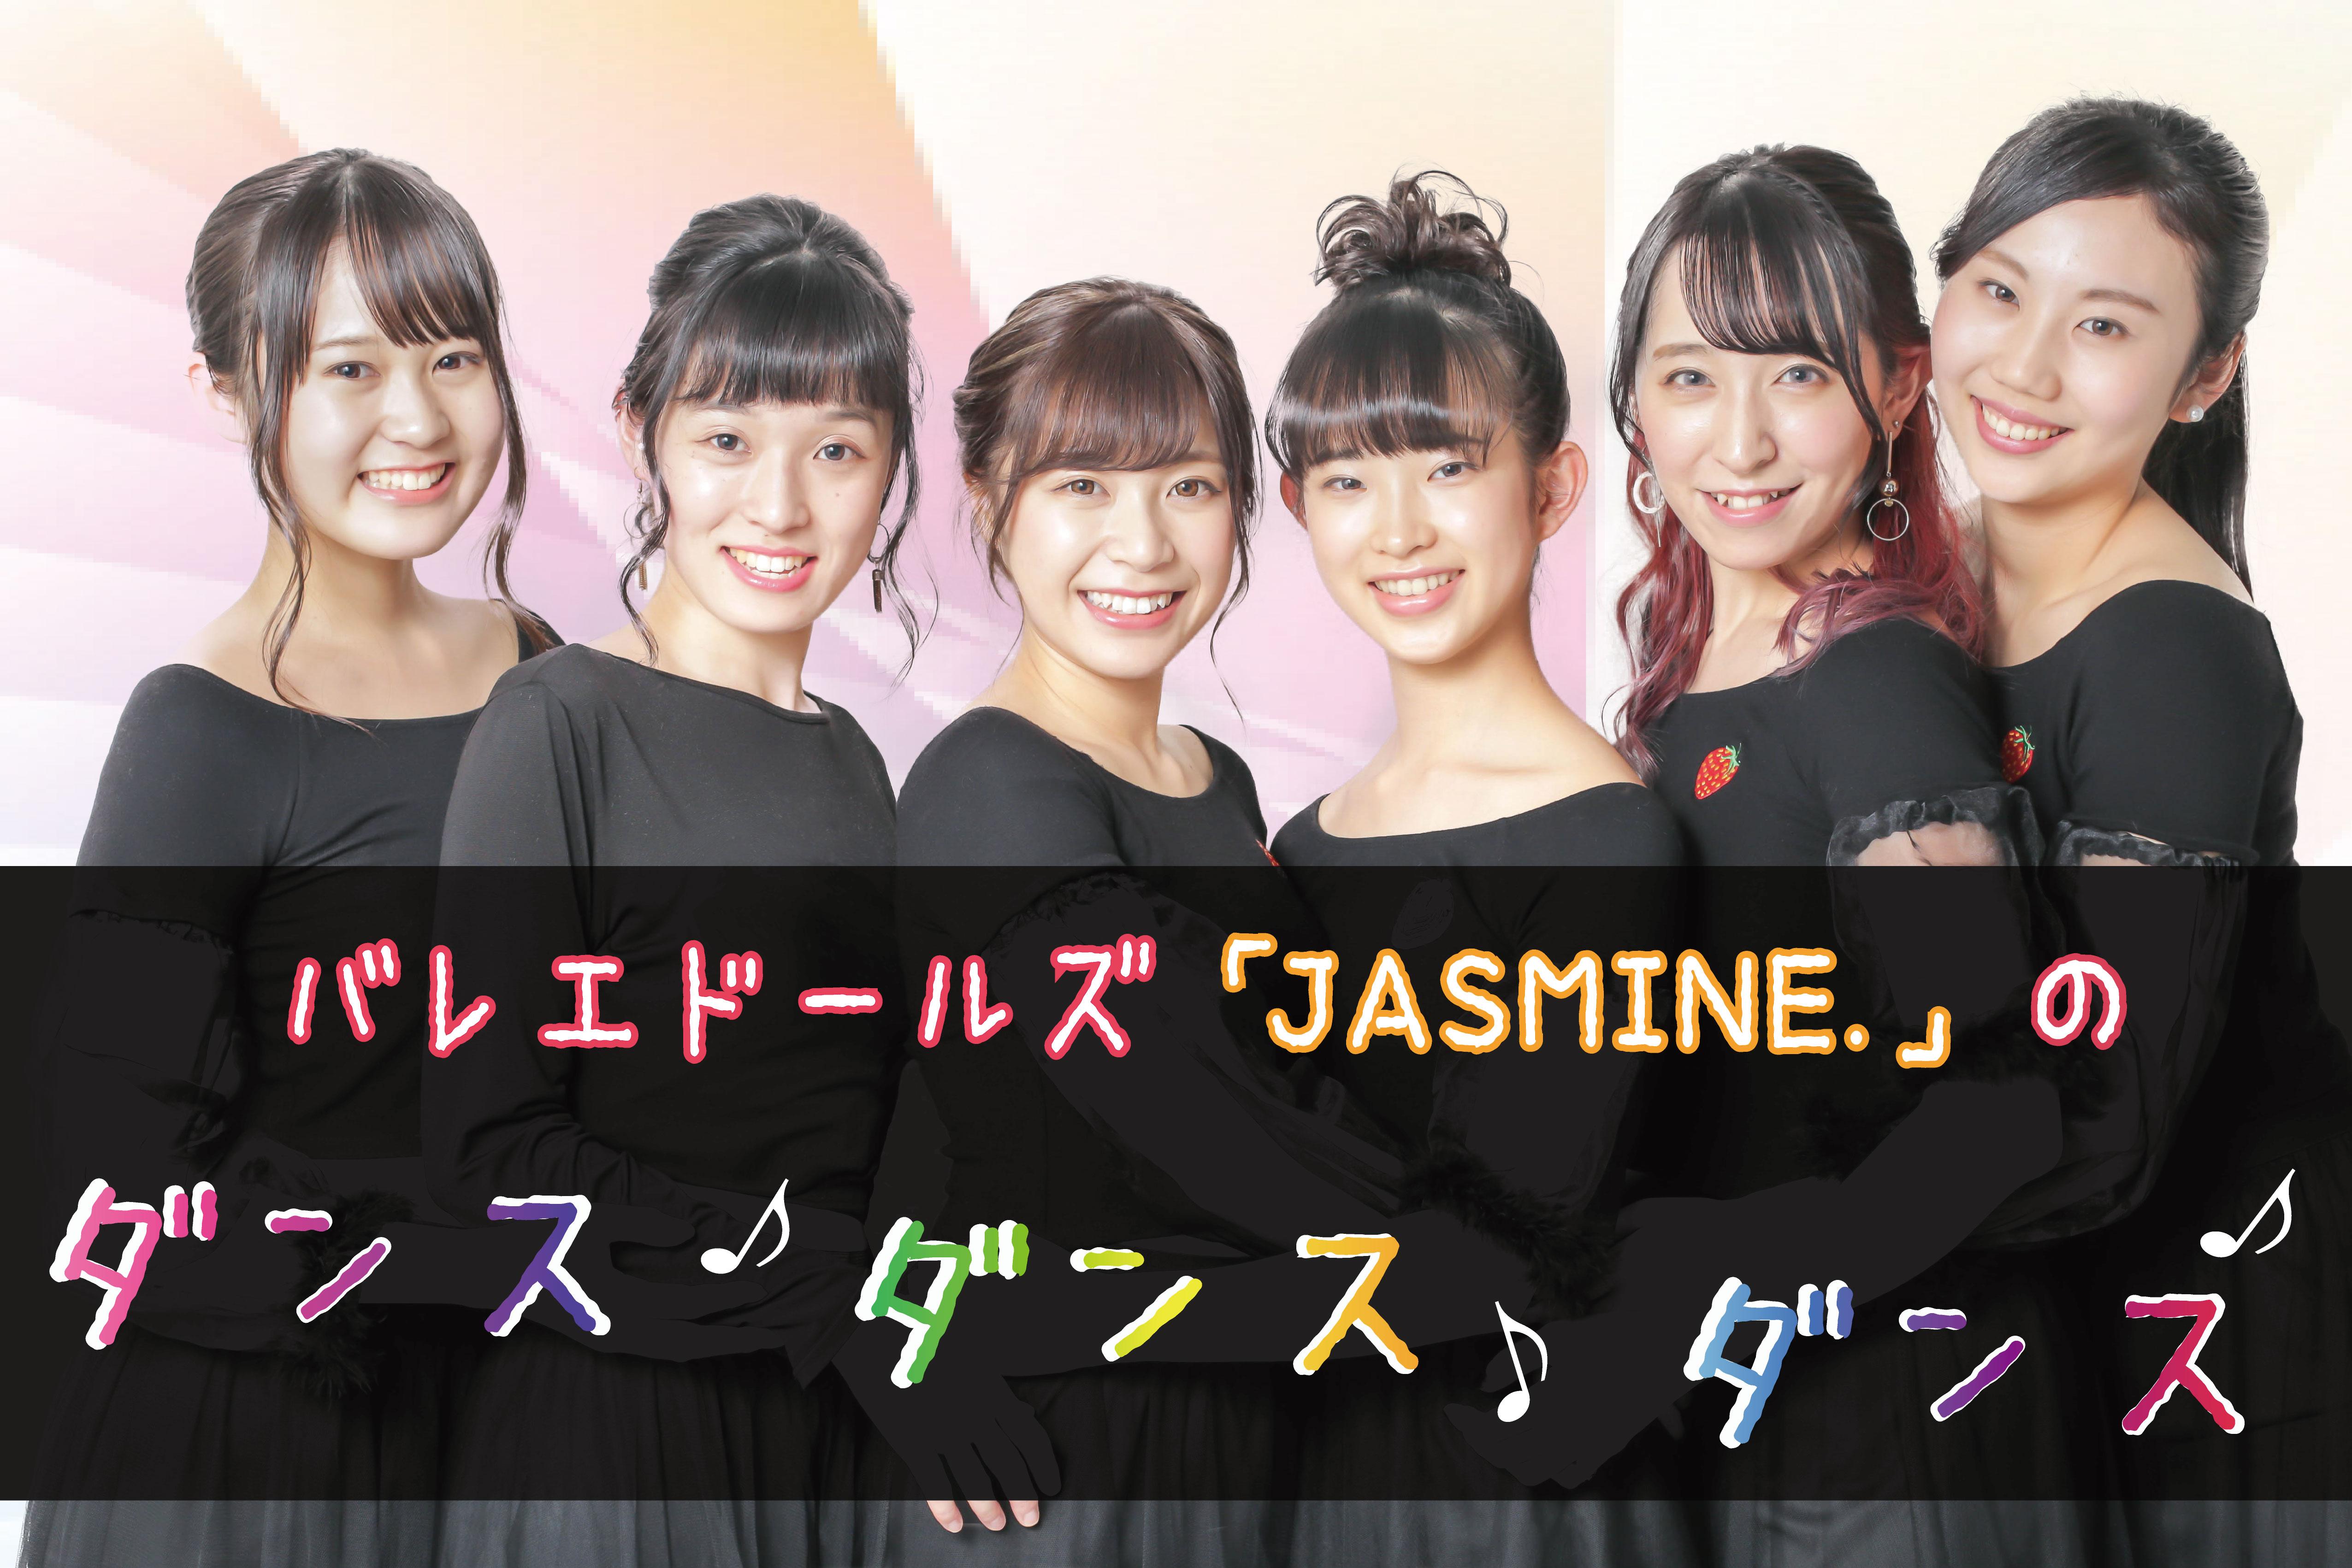 バレエドールズ「JASMINE.」のダンスダンスダンス